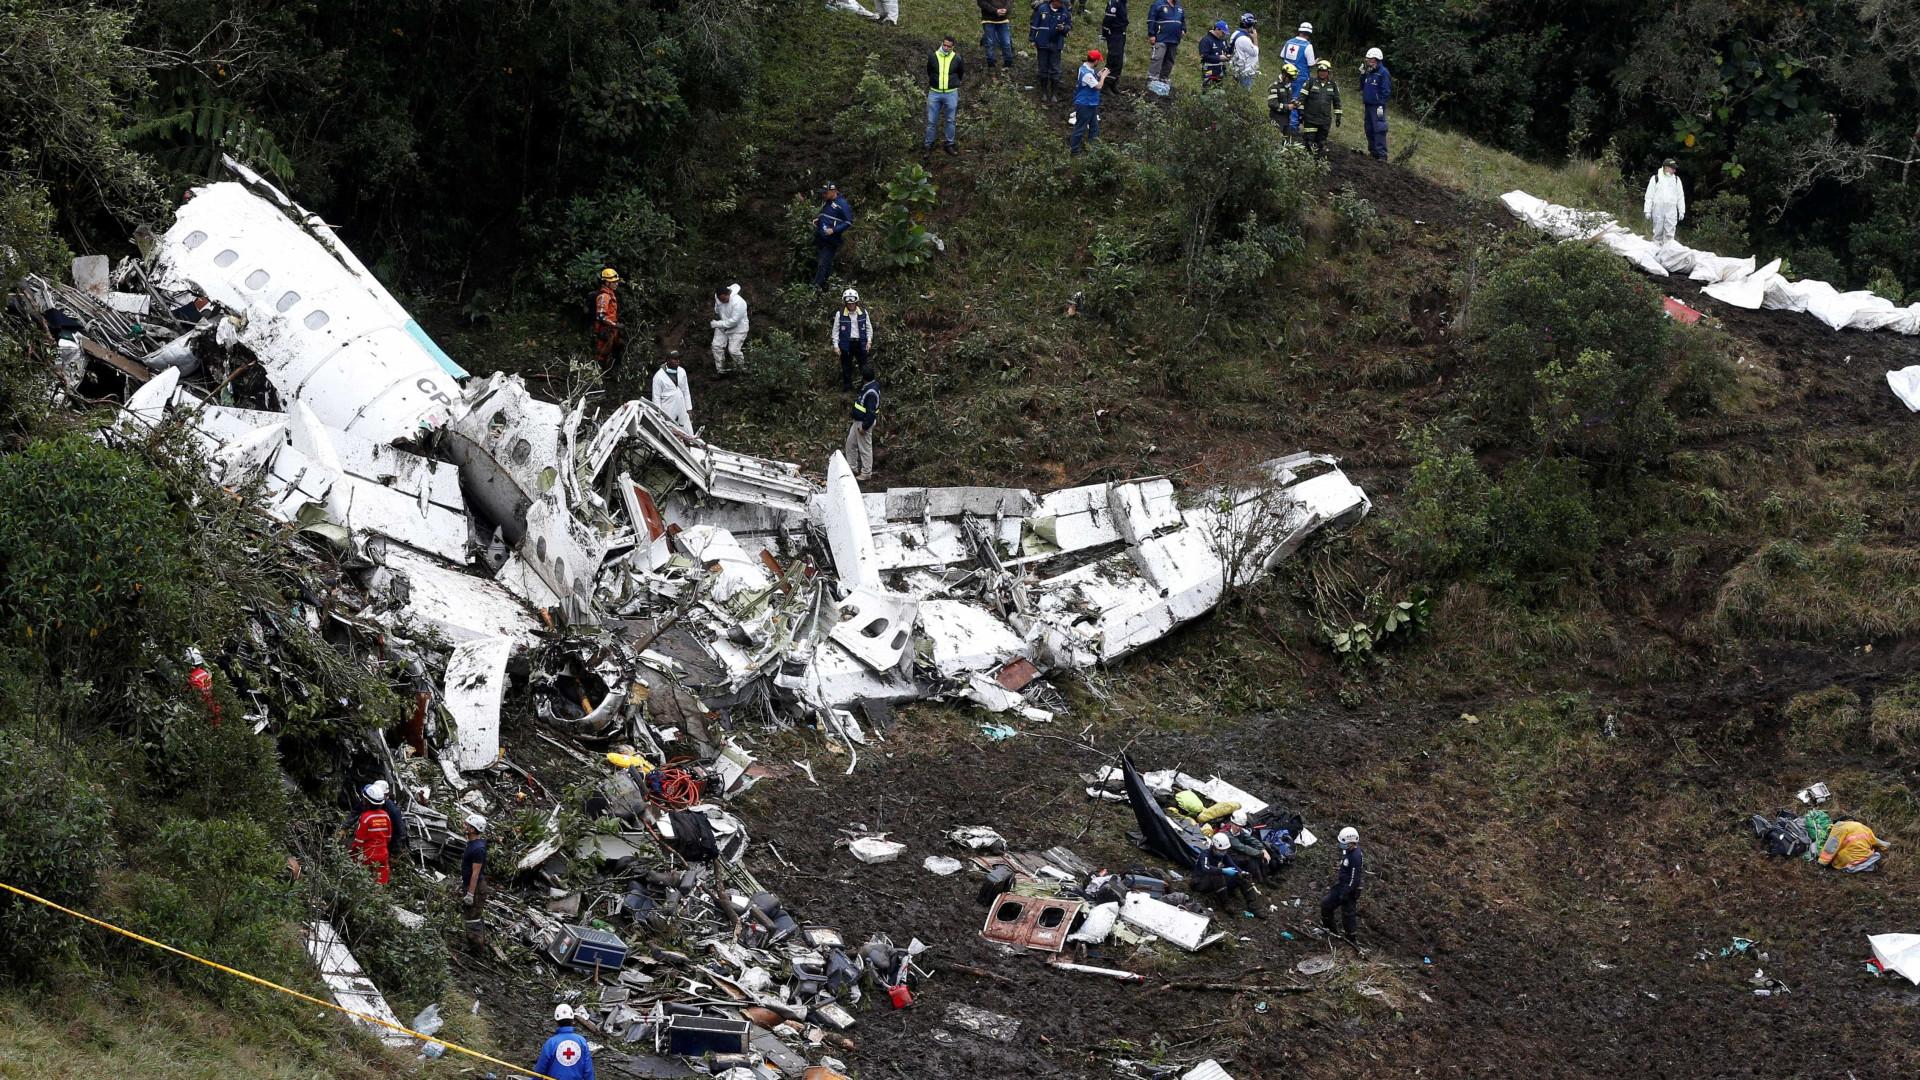 Brasileiros são inocentados pelo MPF sobre responsabilidade em acidente da Chapecoense